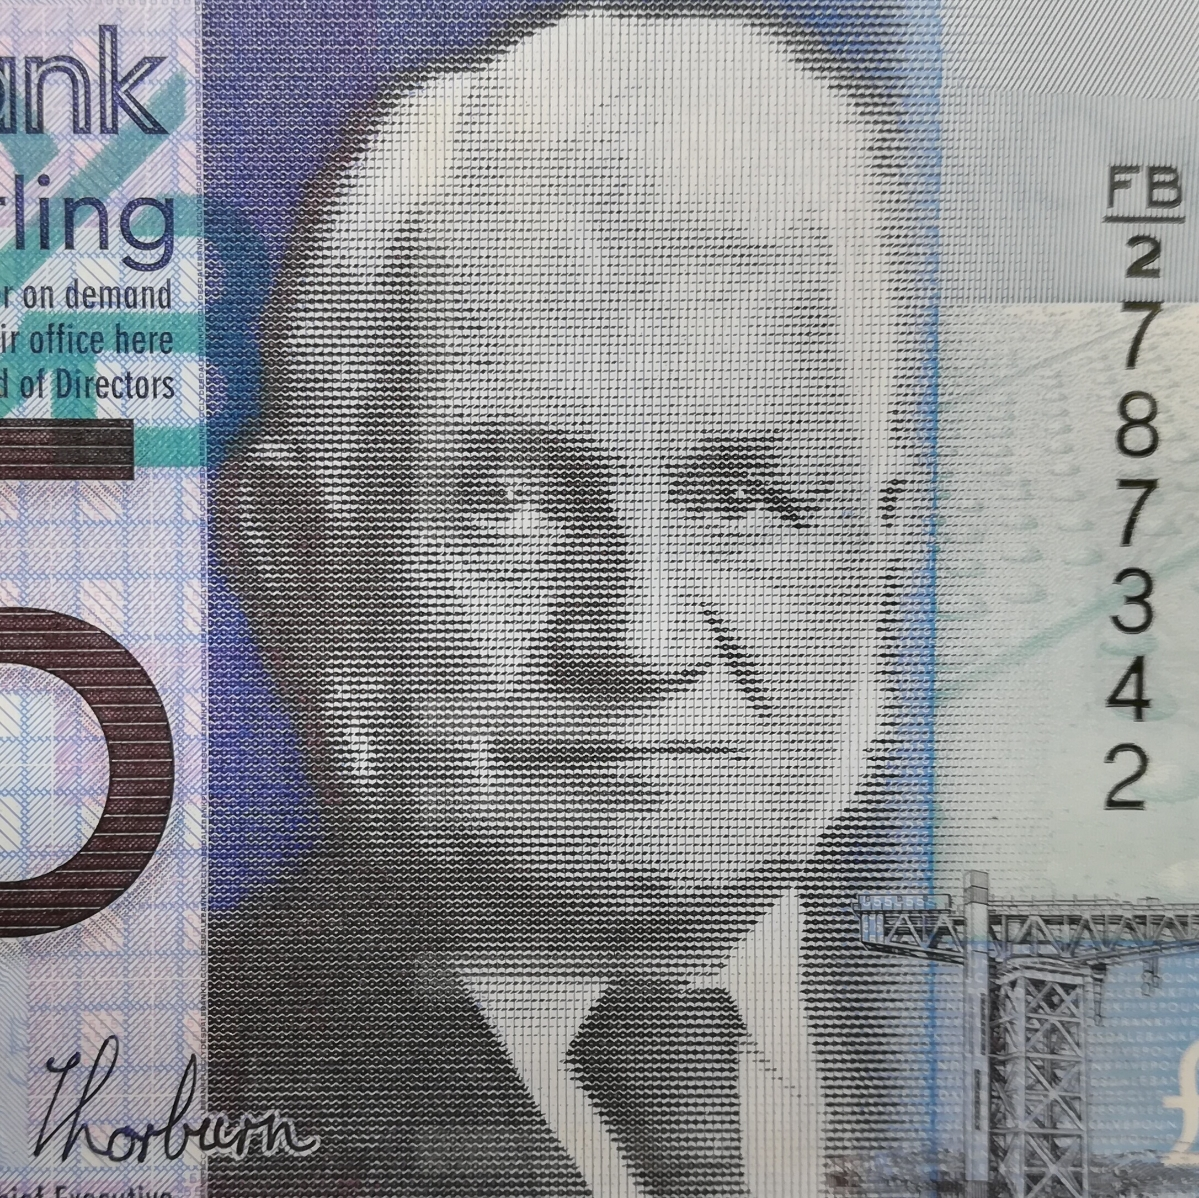 イギリス 5ポンド 紙幣 ピン札 管理351_画像3